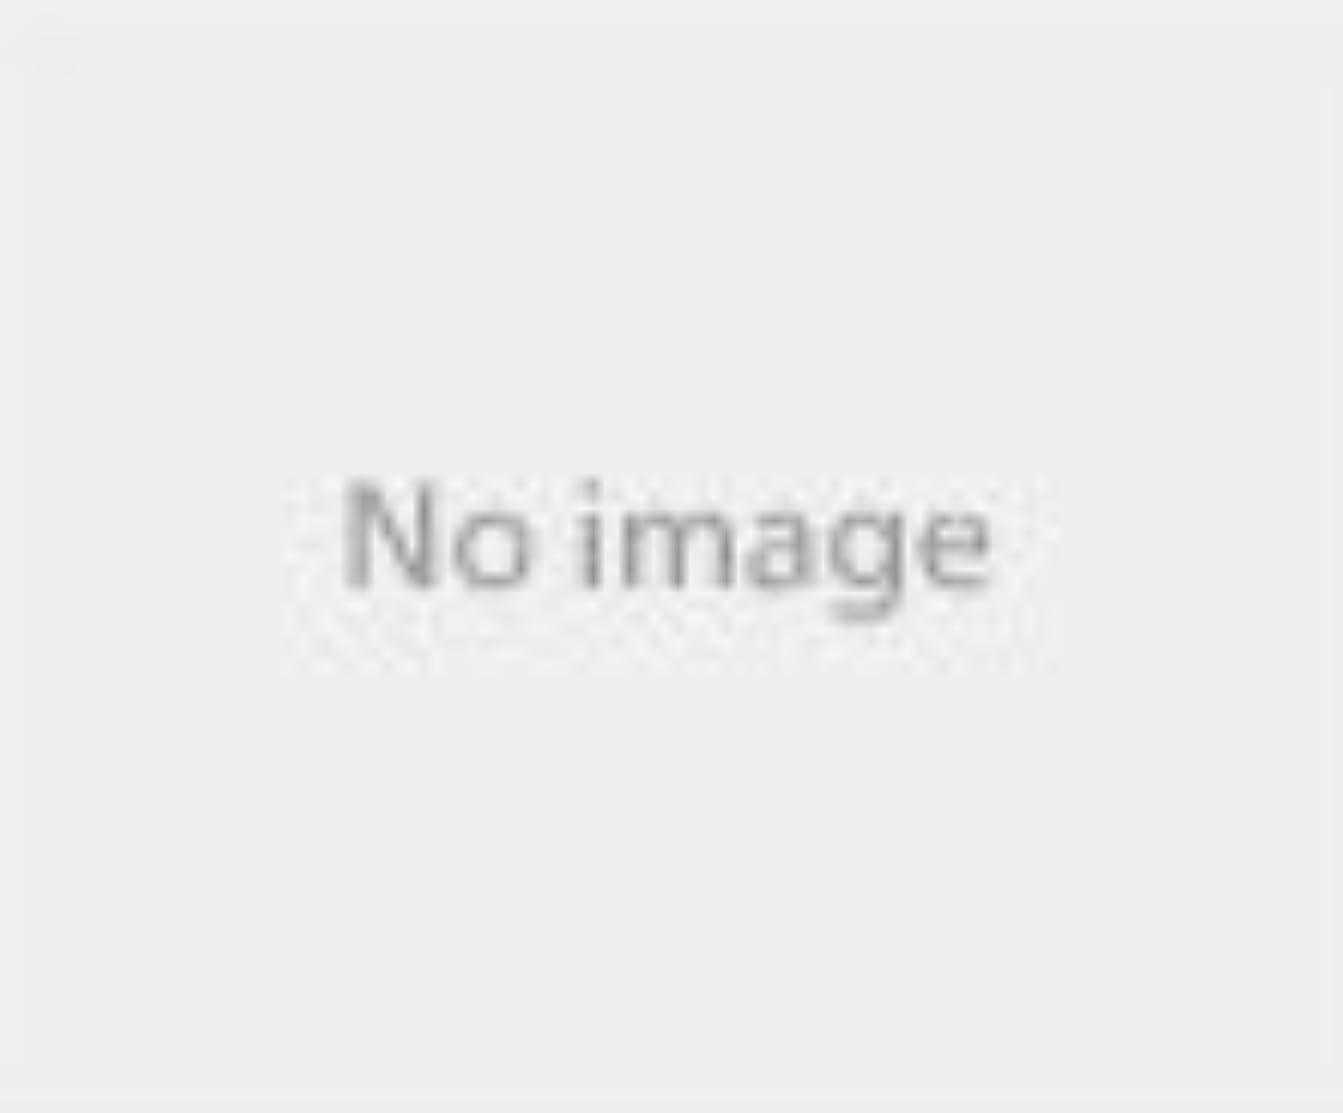 雑品ベーシック社会科小川医理器7-4395-11トップクリーン(大容量洗浄器)専用リンス剤(5L)